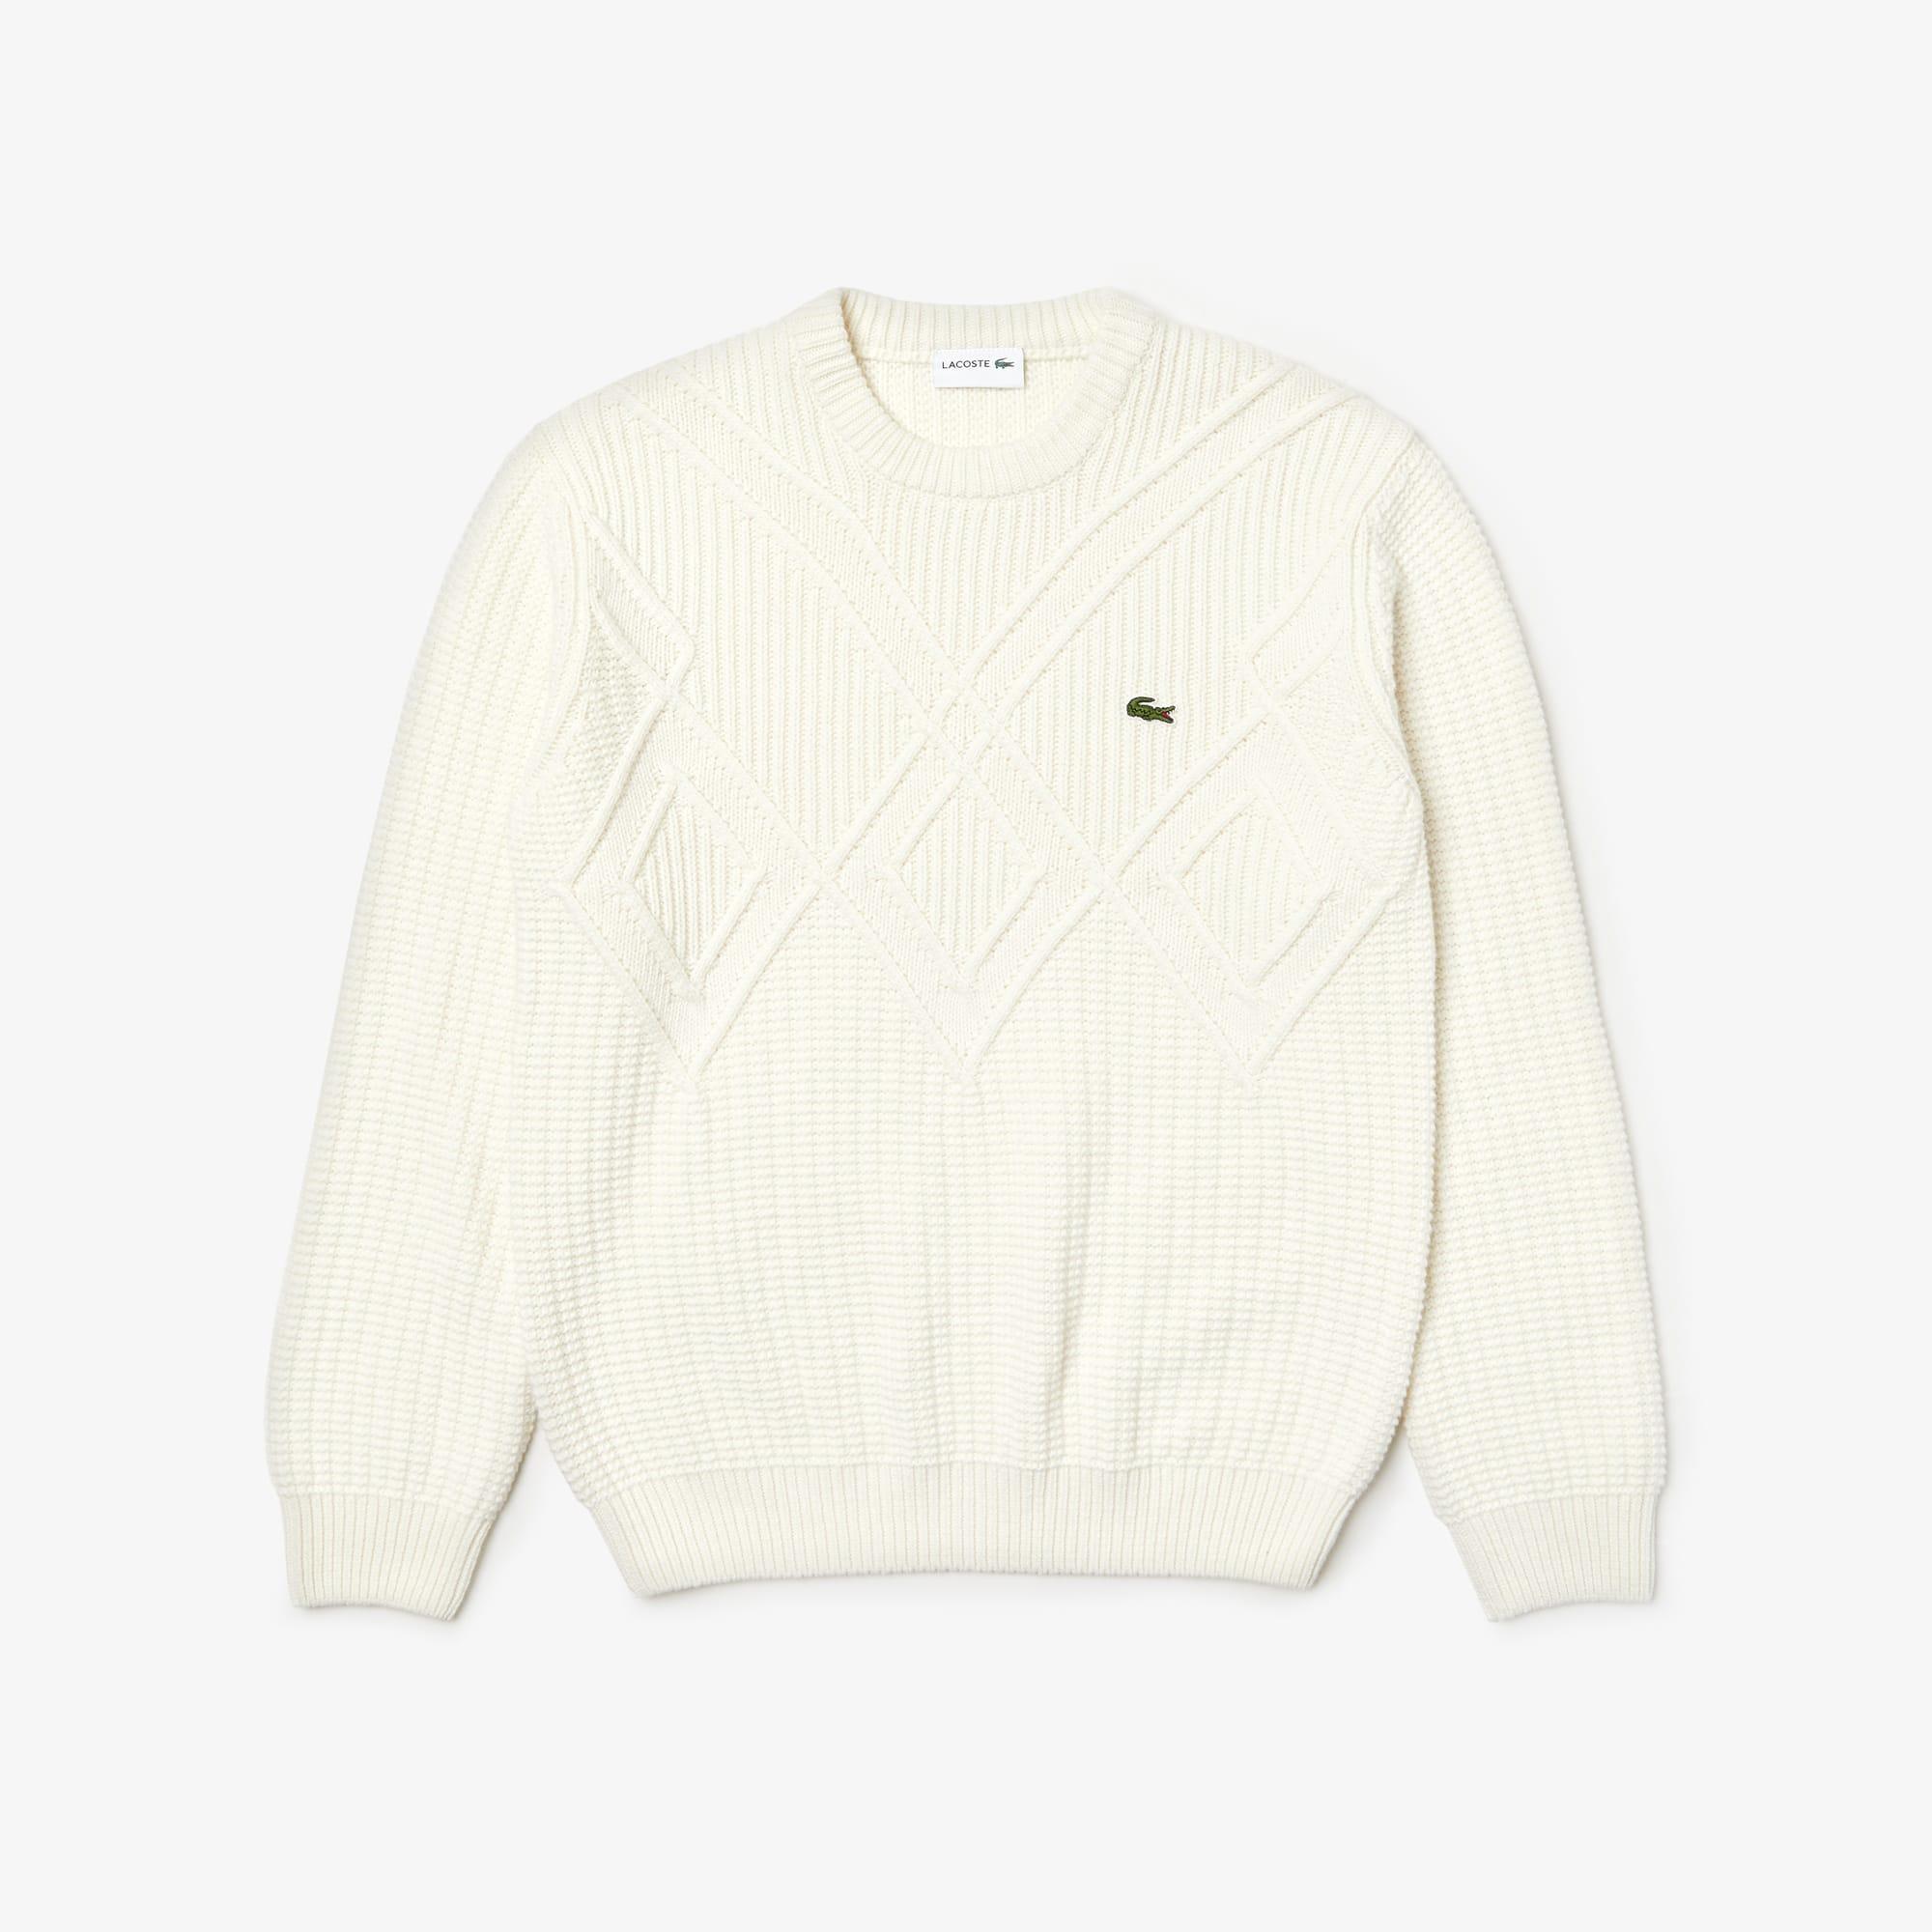 best service 9355e 4a9dc Herren-Pullover aus Wolle und Baumwolle mit Strick-Effekt